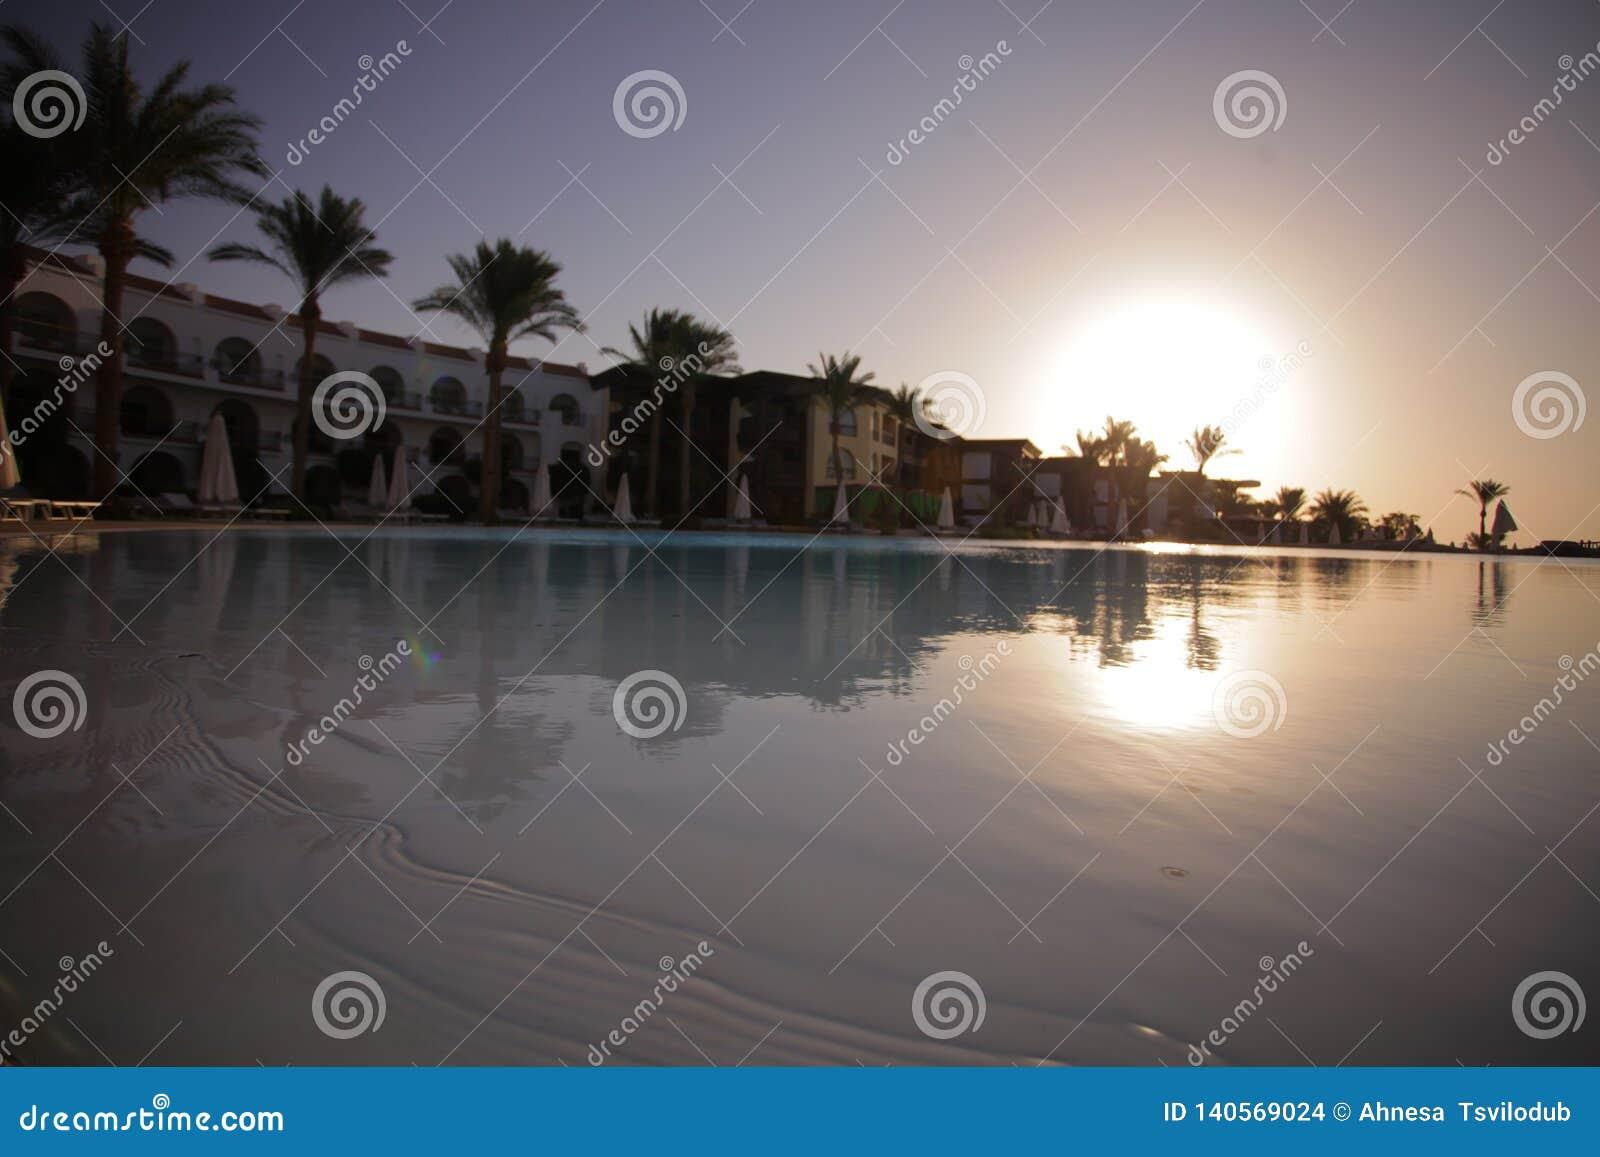 Palma - rest - pool - weekend